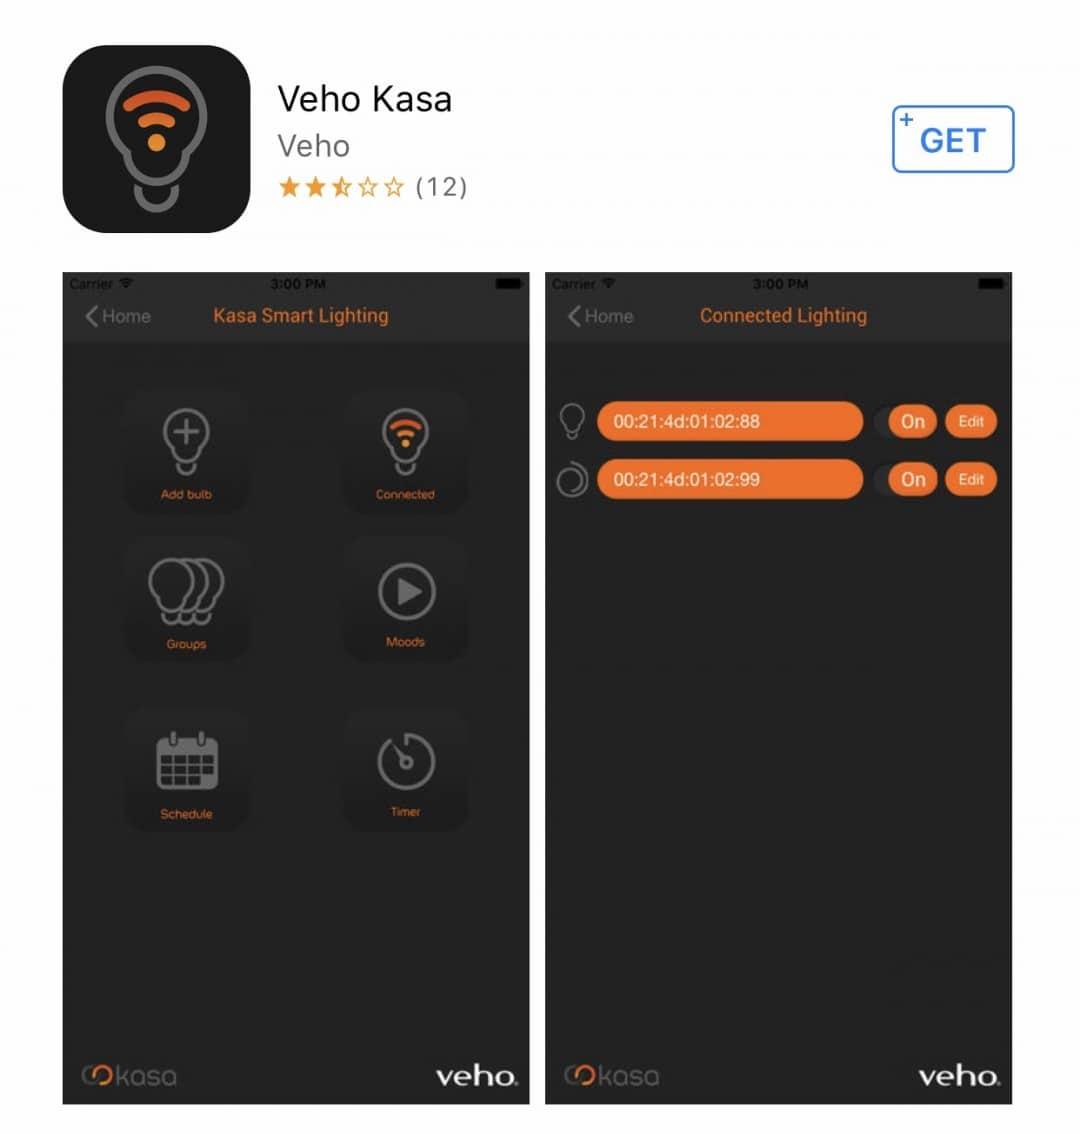 kasa app